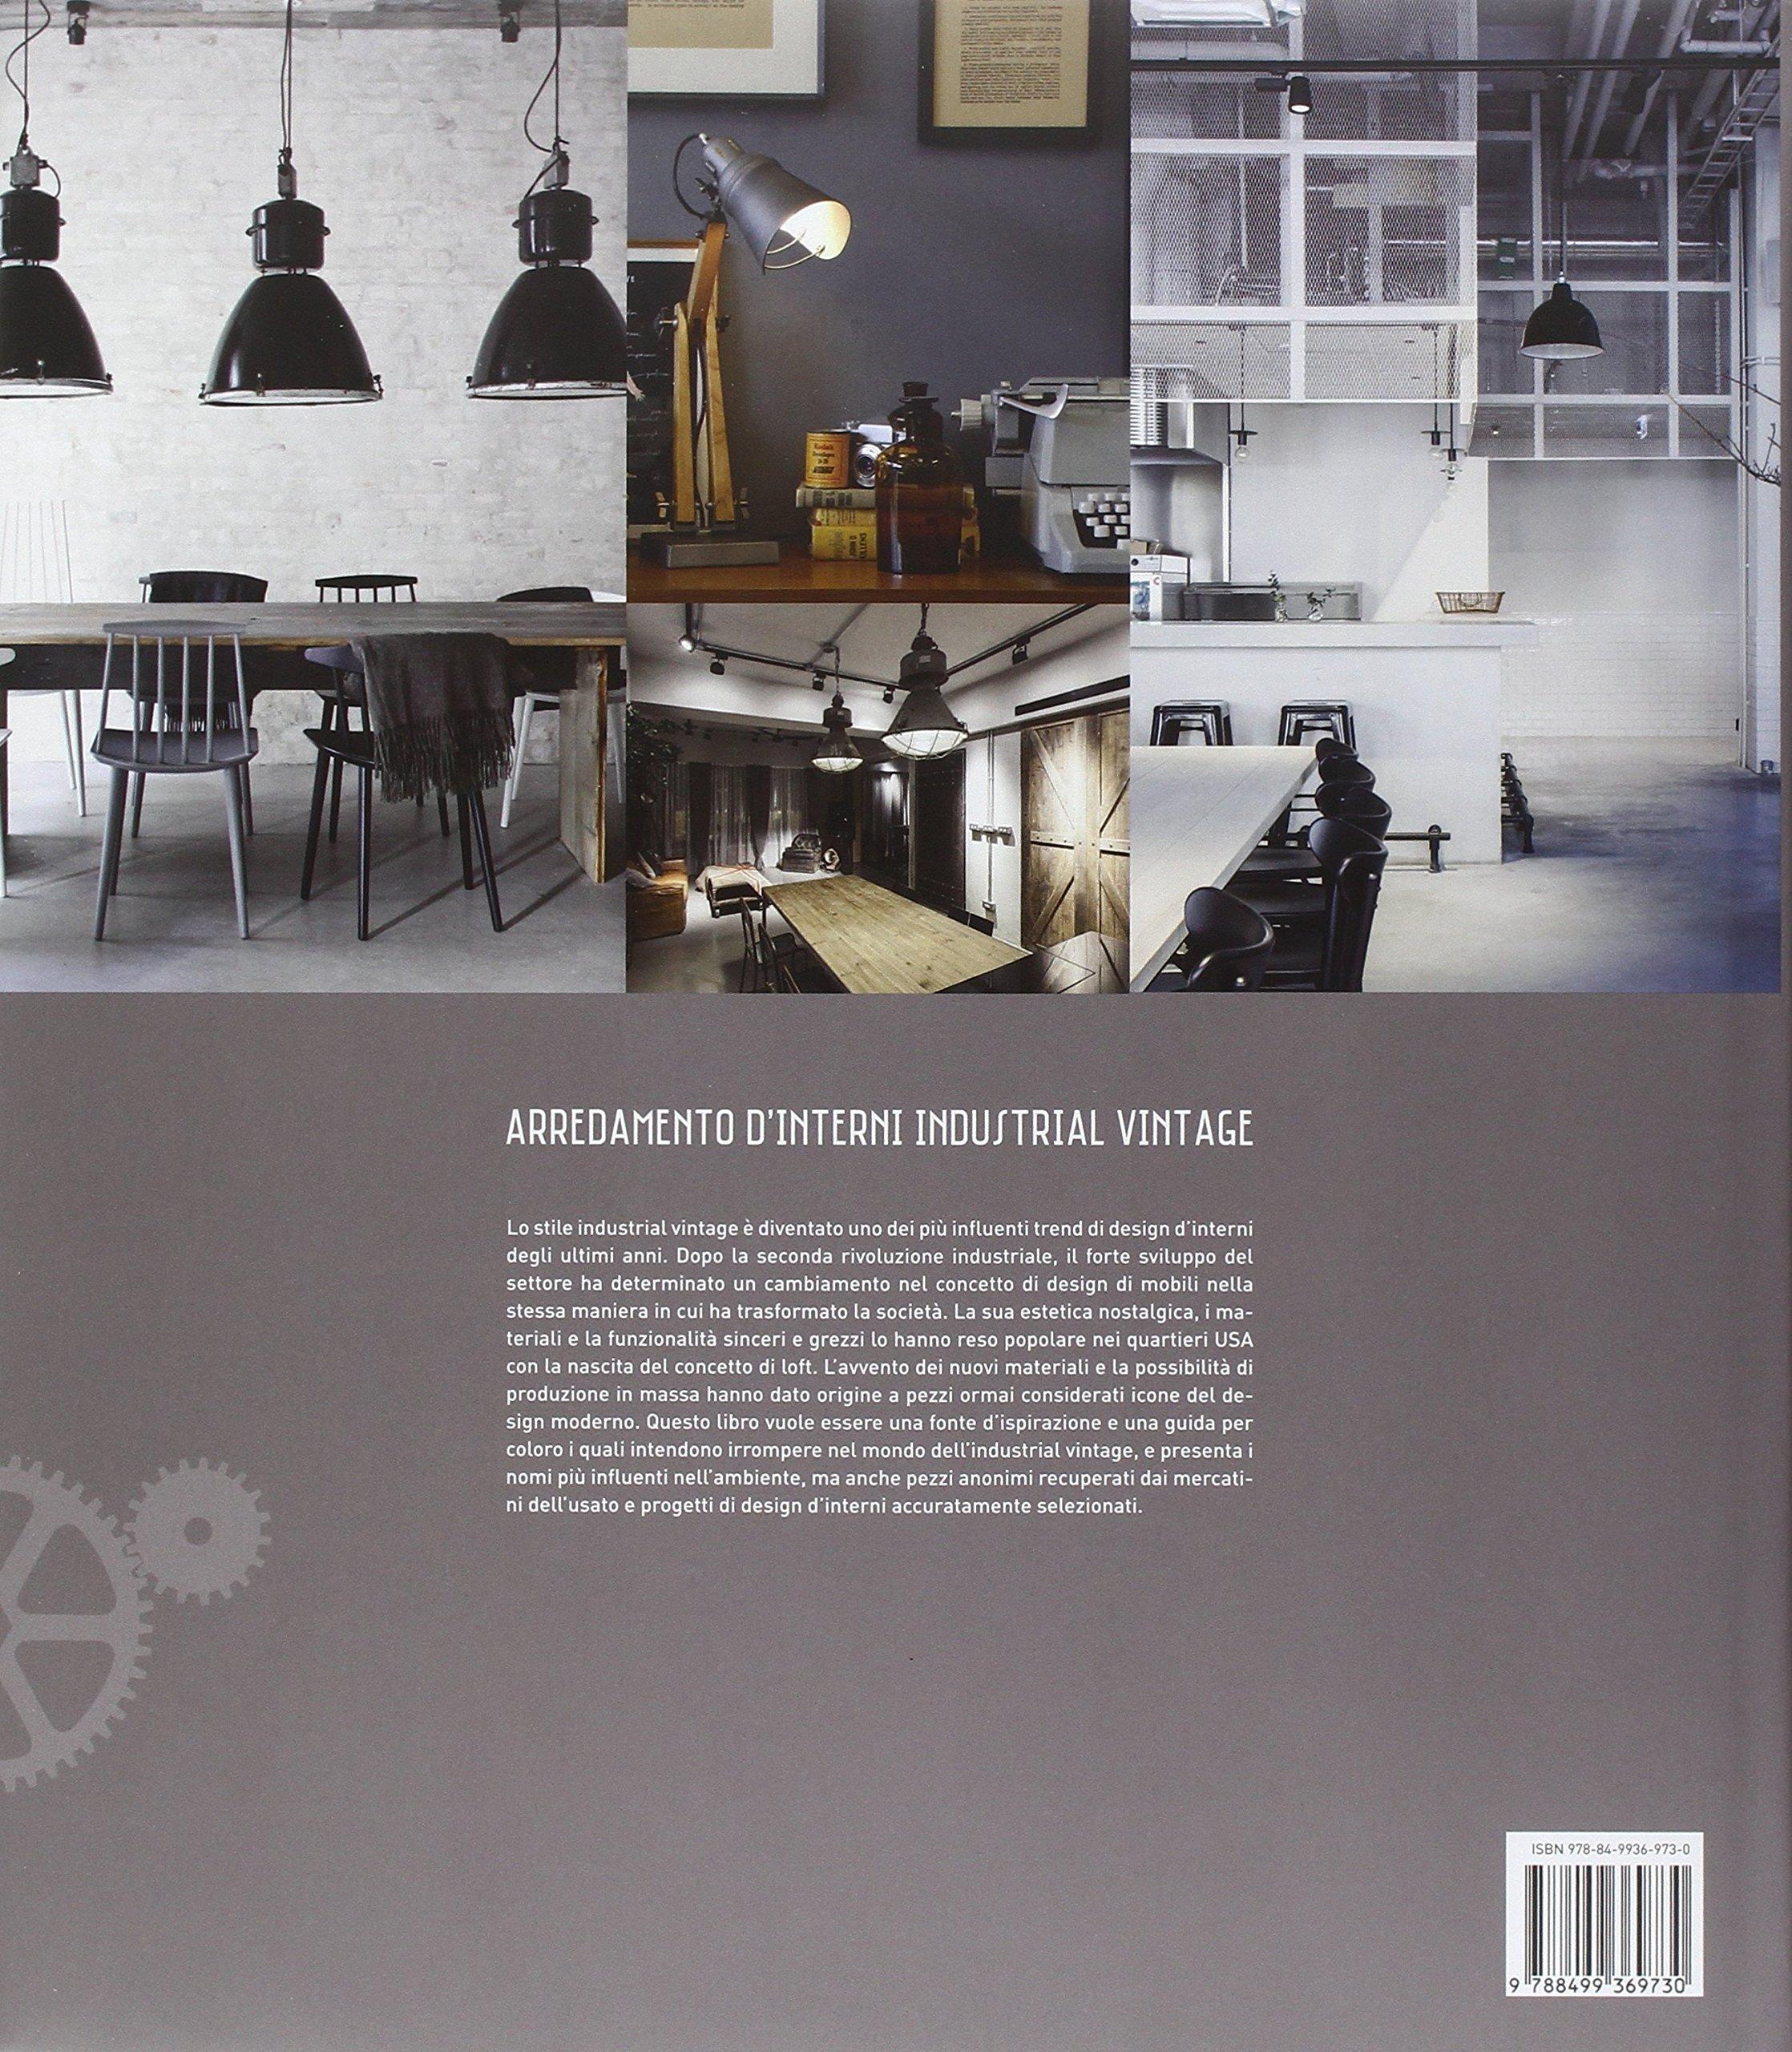 Emejing arredamento industrial vintage contemporary for Arredamento amazon